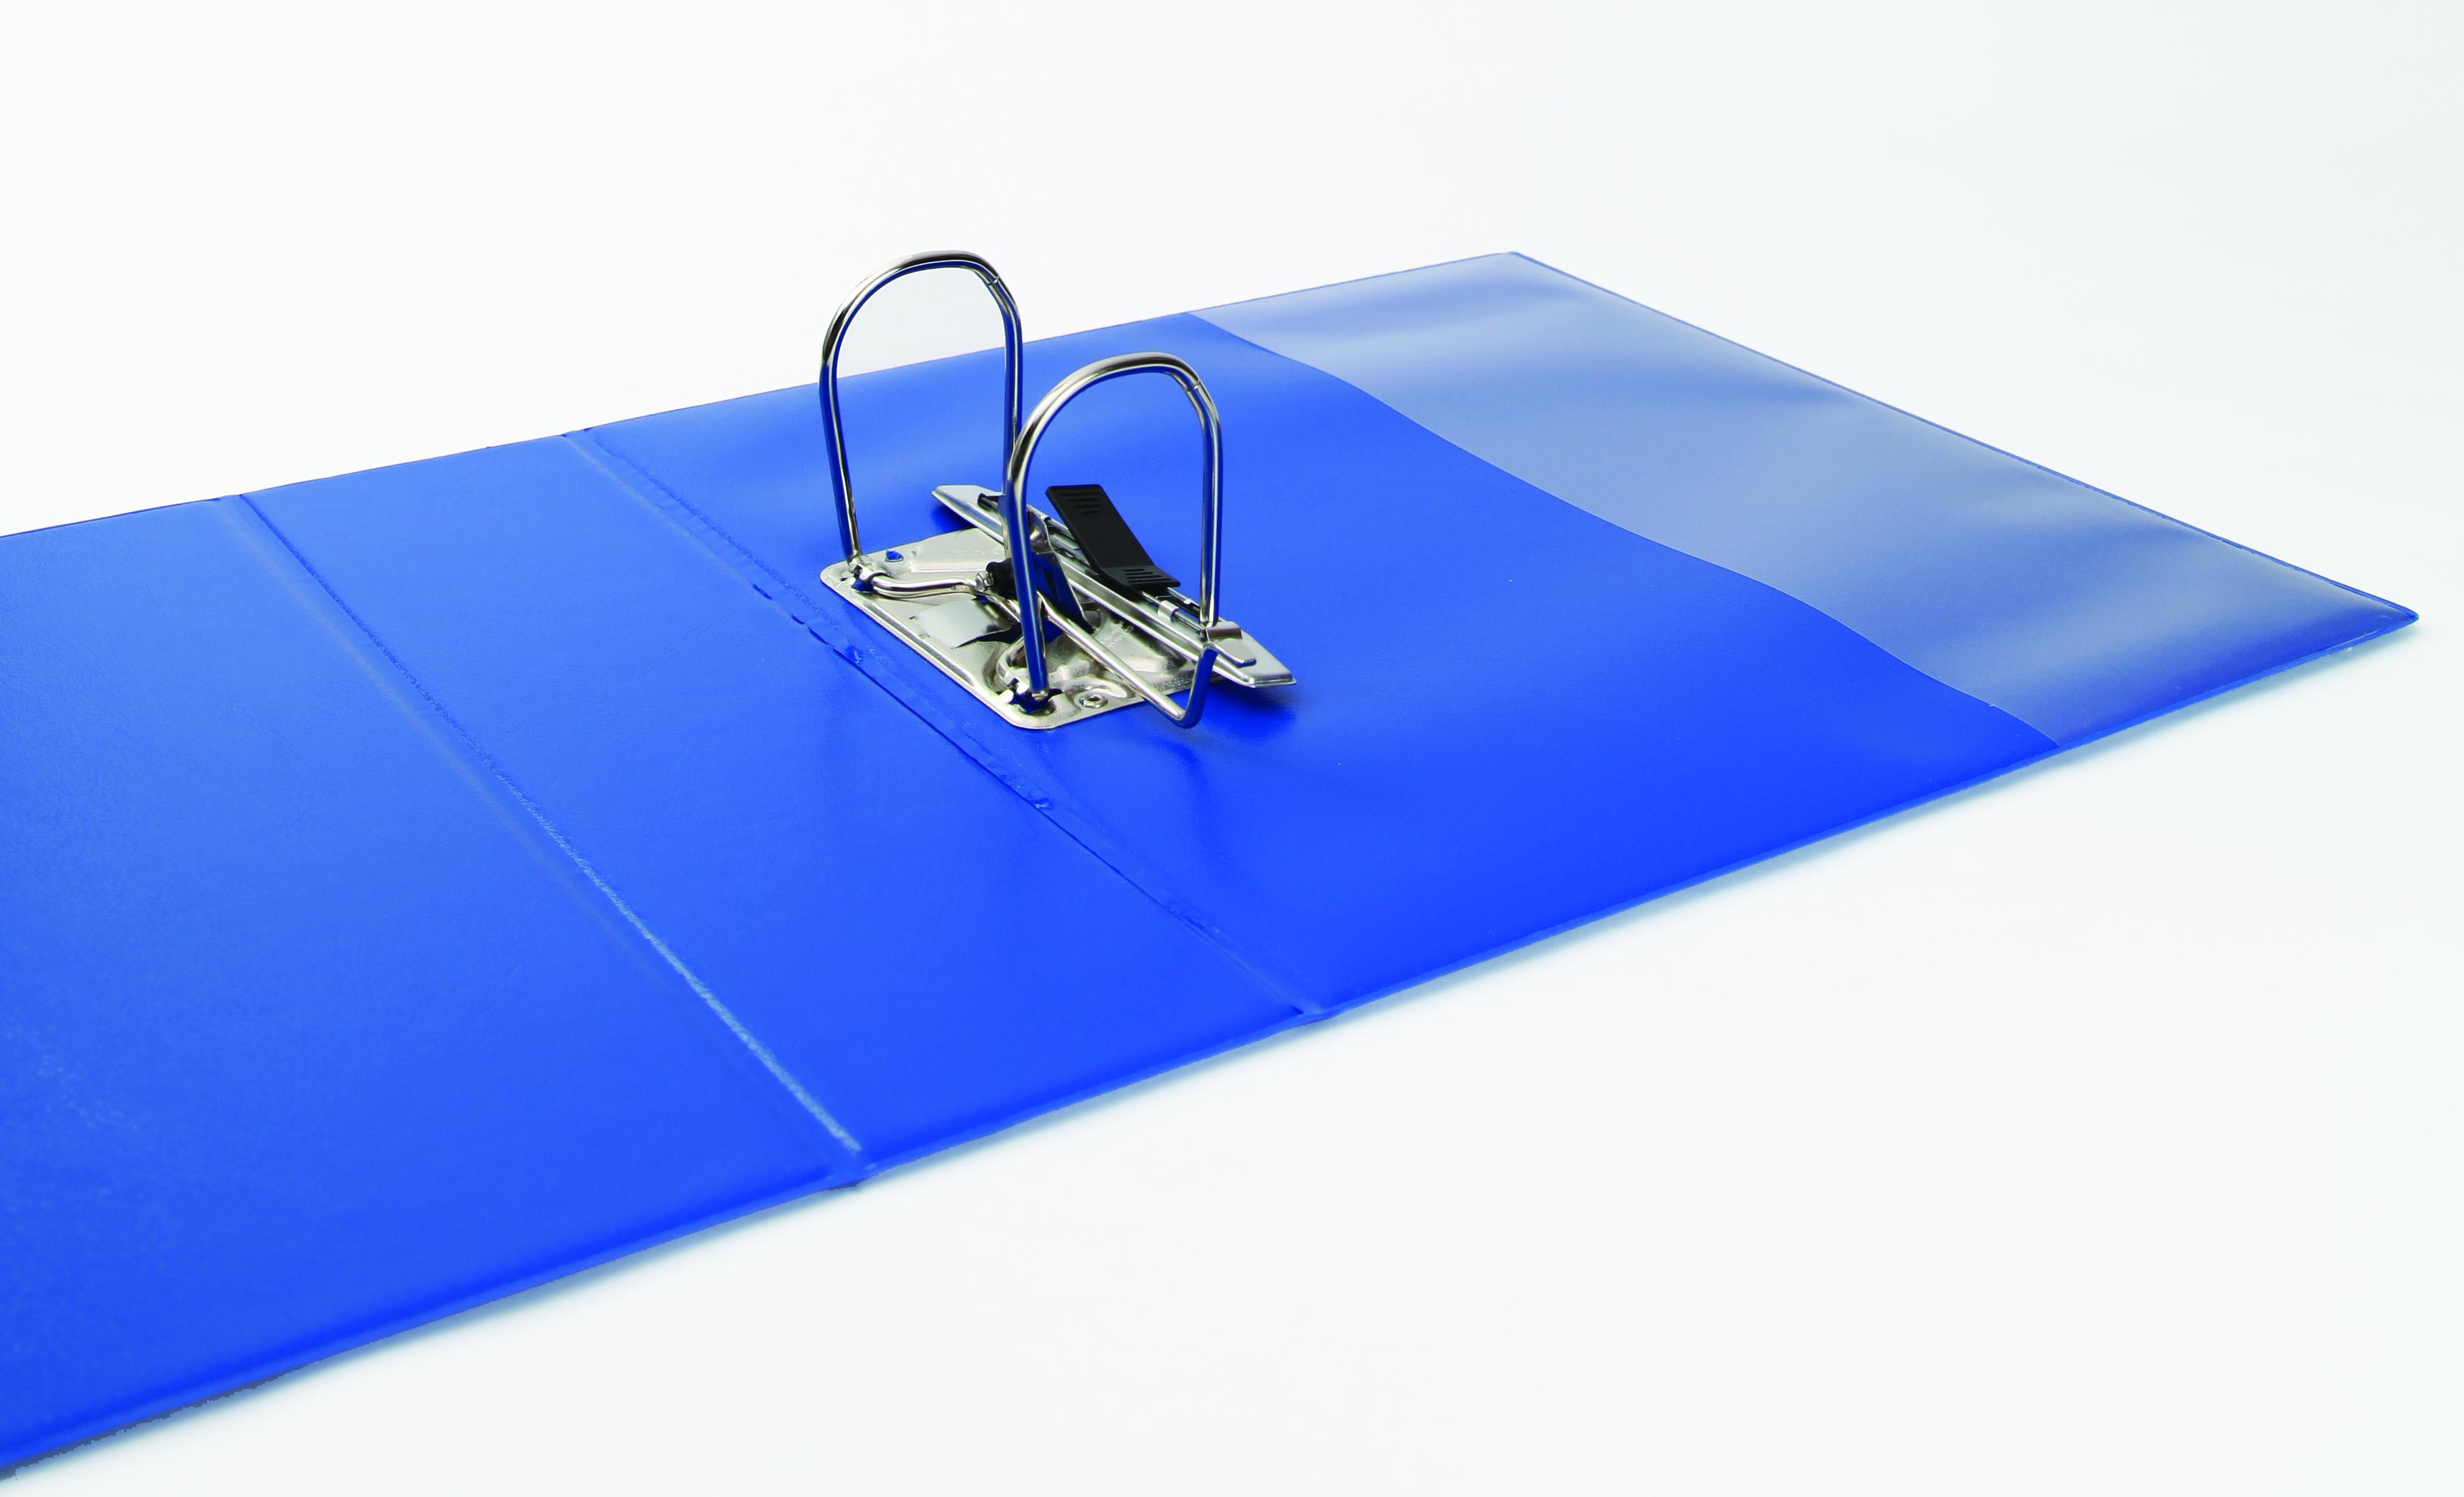 elba panorama presentation ring binder 2 ring a4 70mm blue 400008438